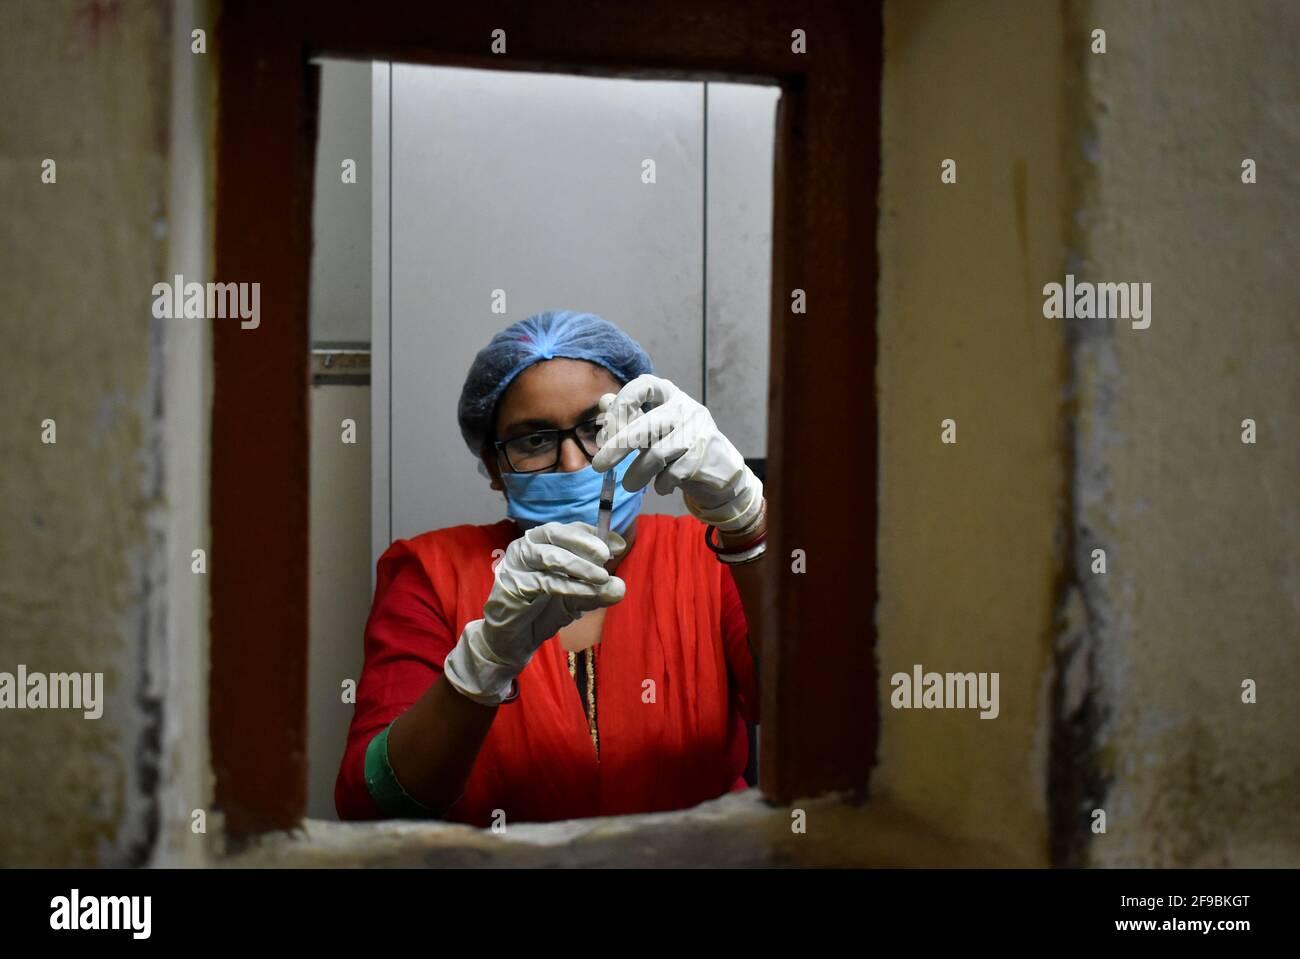 Kolkata, India. 17th de Abr de 2021. Un trabajador de salud prepara una vacuna contra COVAXIN, en un campamento de vacunación en el centro de salud gubernamental del estado de Bengala Occidental en Kolkata. (Foto de Sudipta Das/Pacific Press) Crédito: Pacific Press Media Production Corp./Alamy Live News Foto de stock